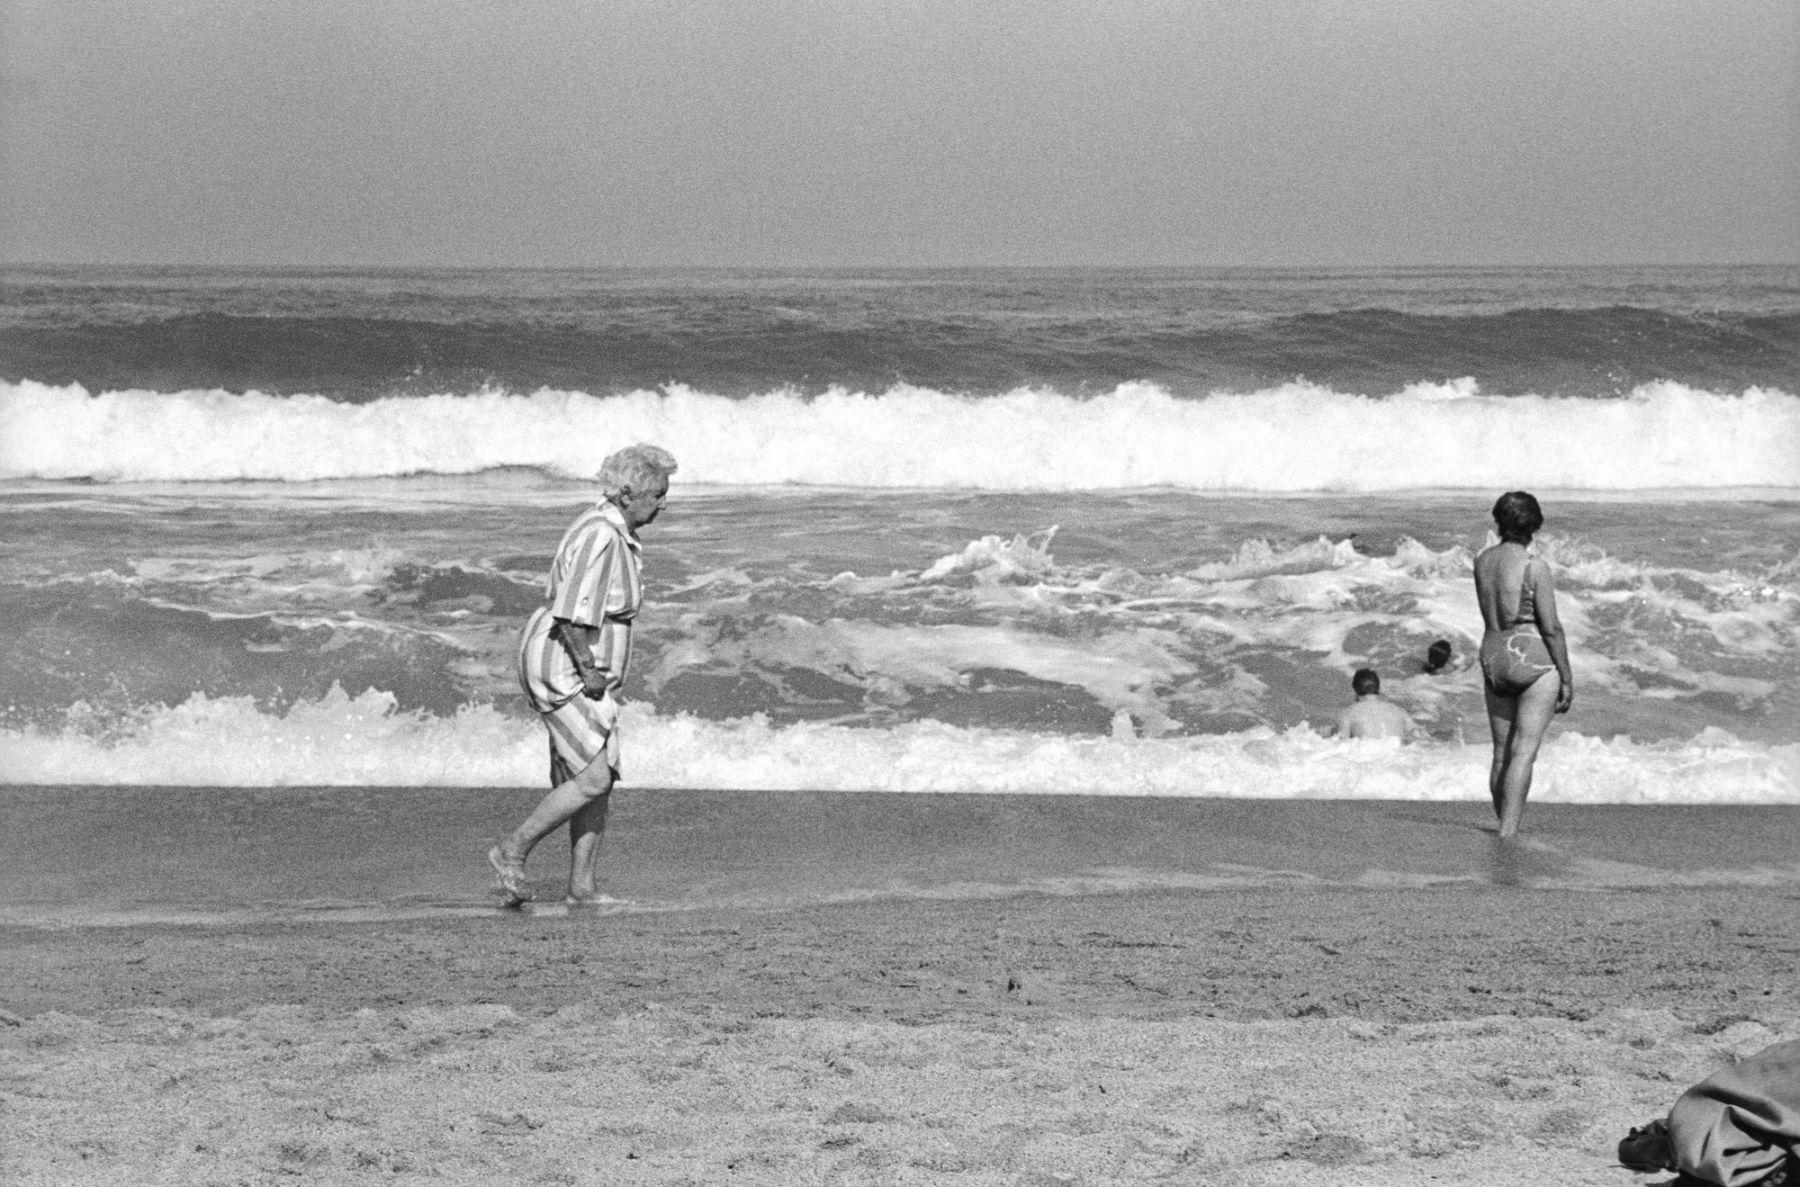 MichelAycaguer-Biarritz-GrandePlage-1988-PointFixe-Leica-10